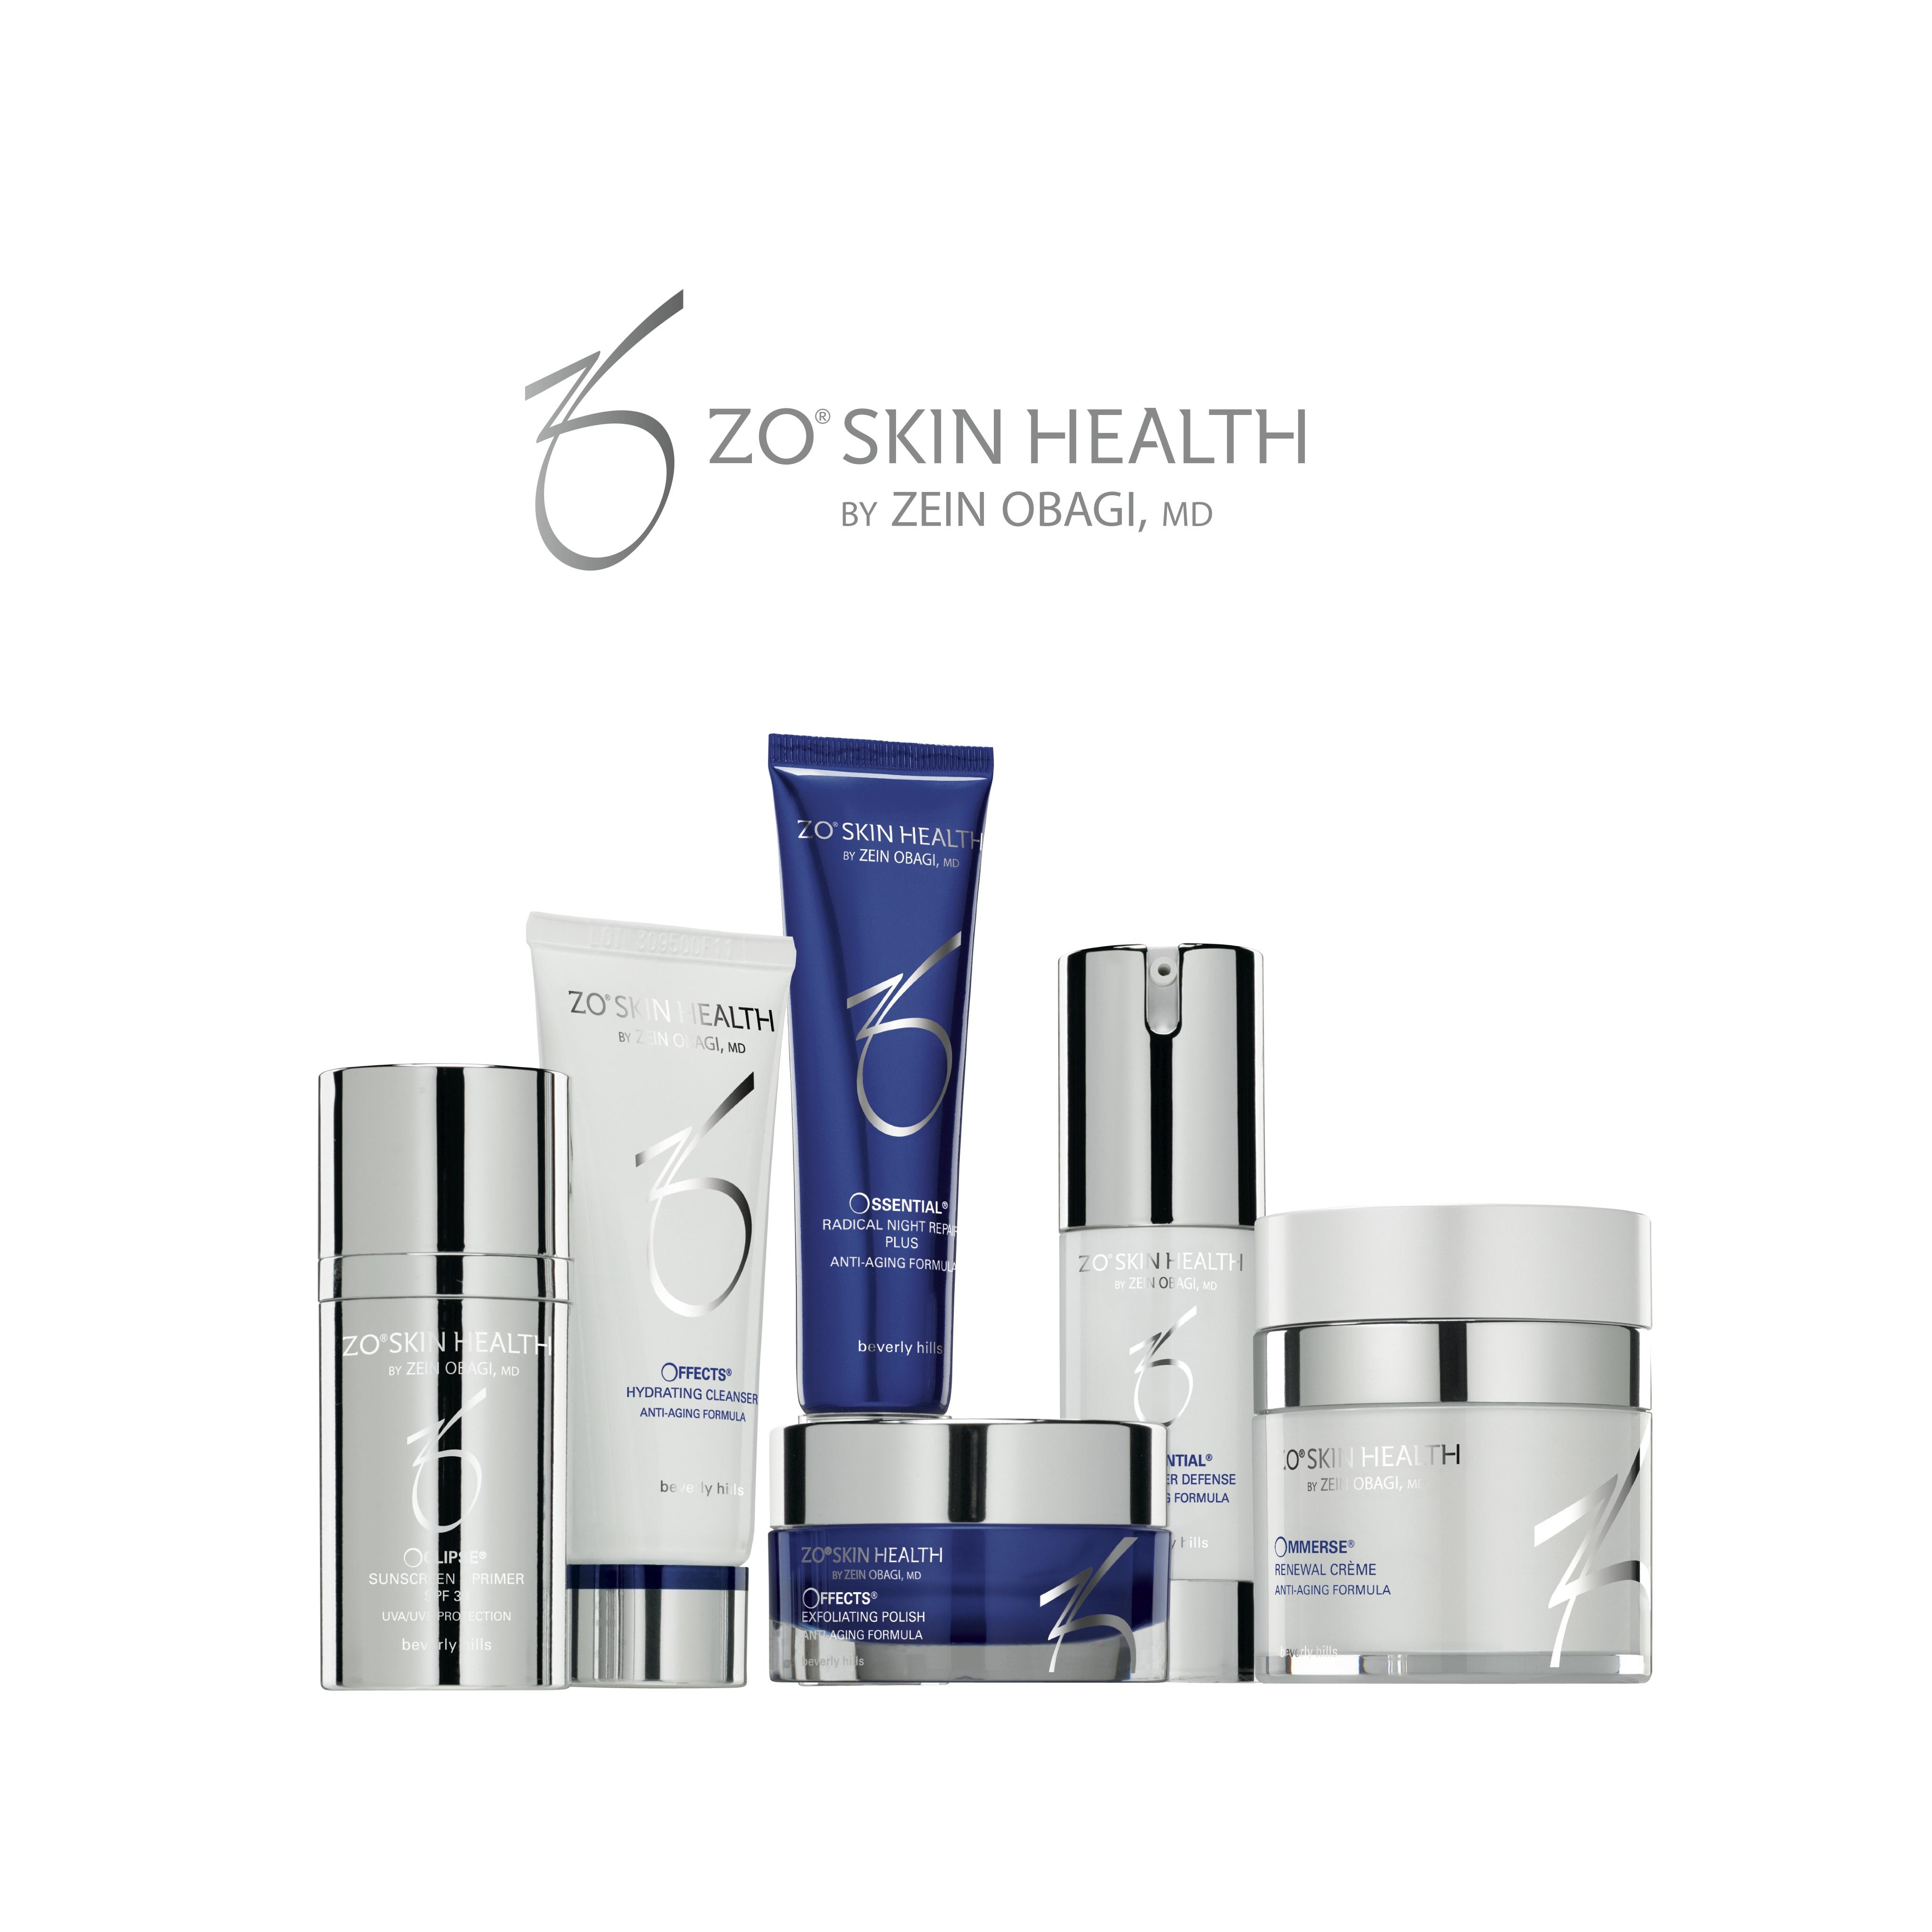 Dr Zein Obagi Skin Care